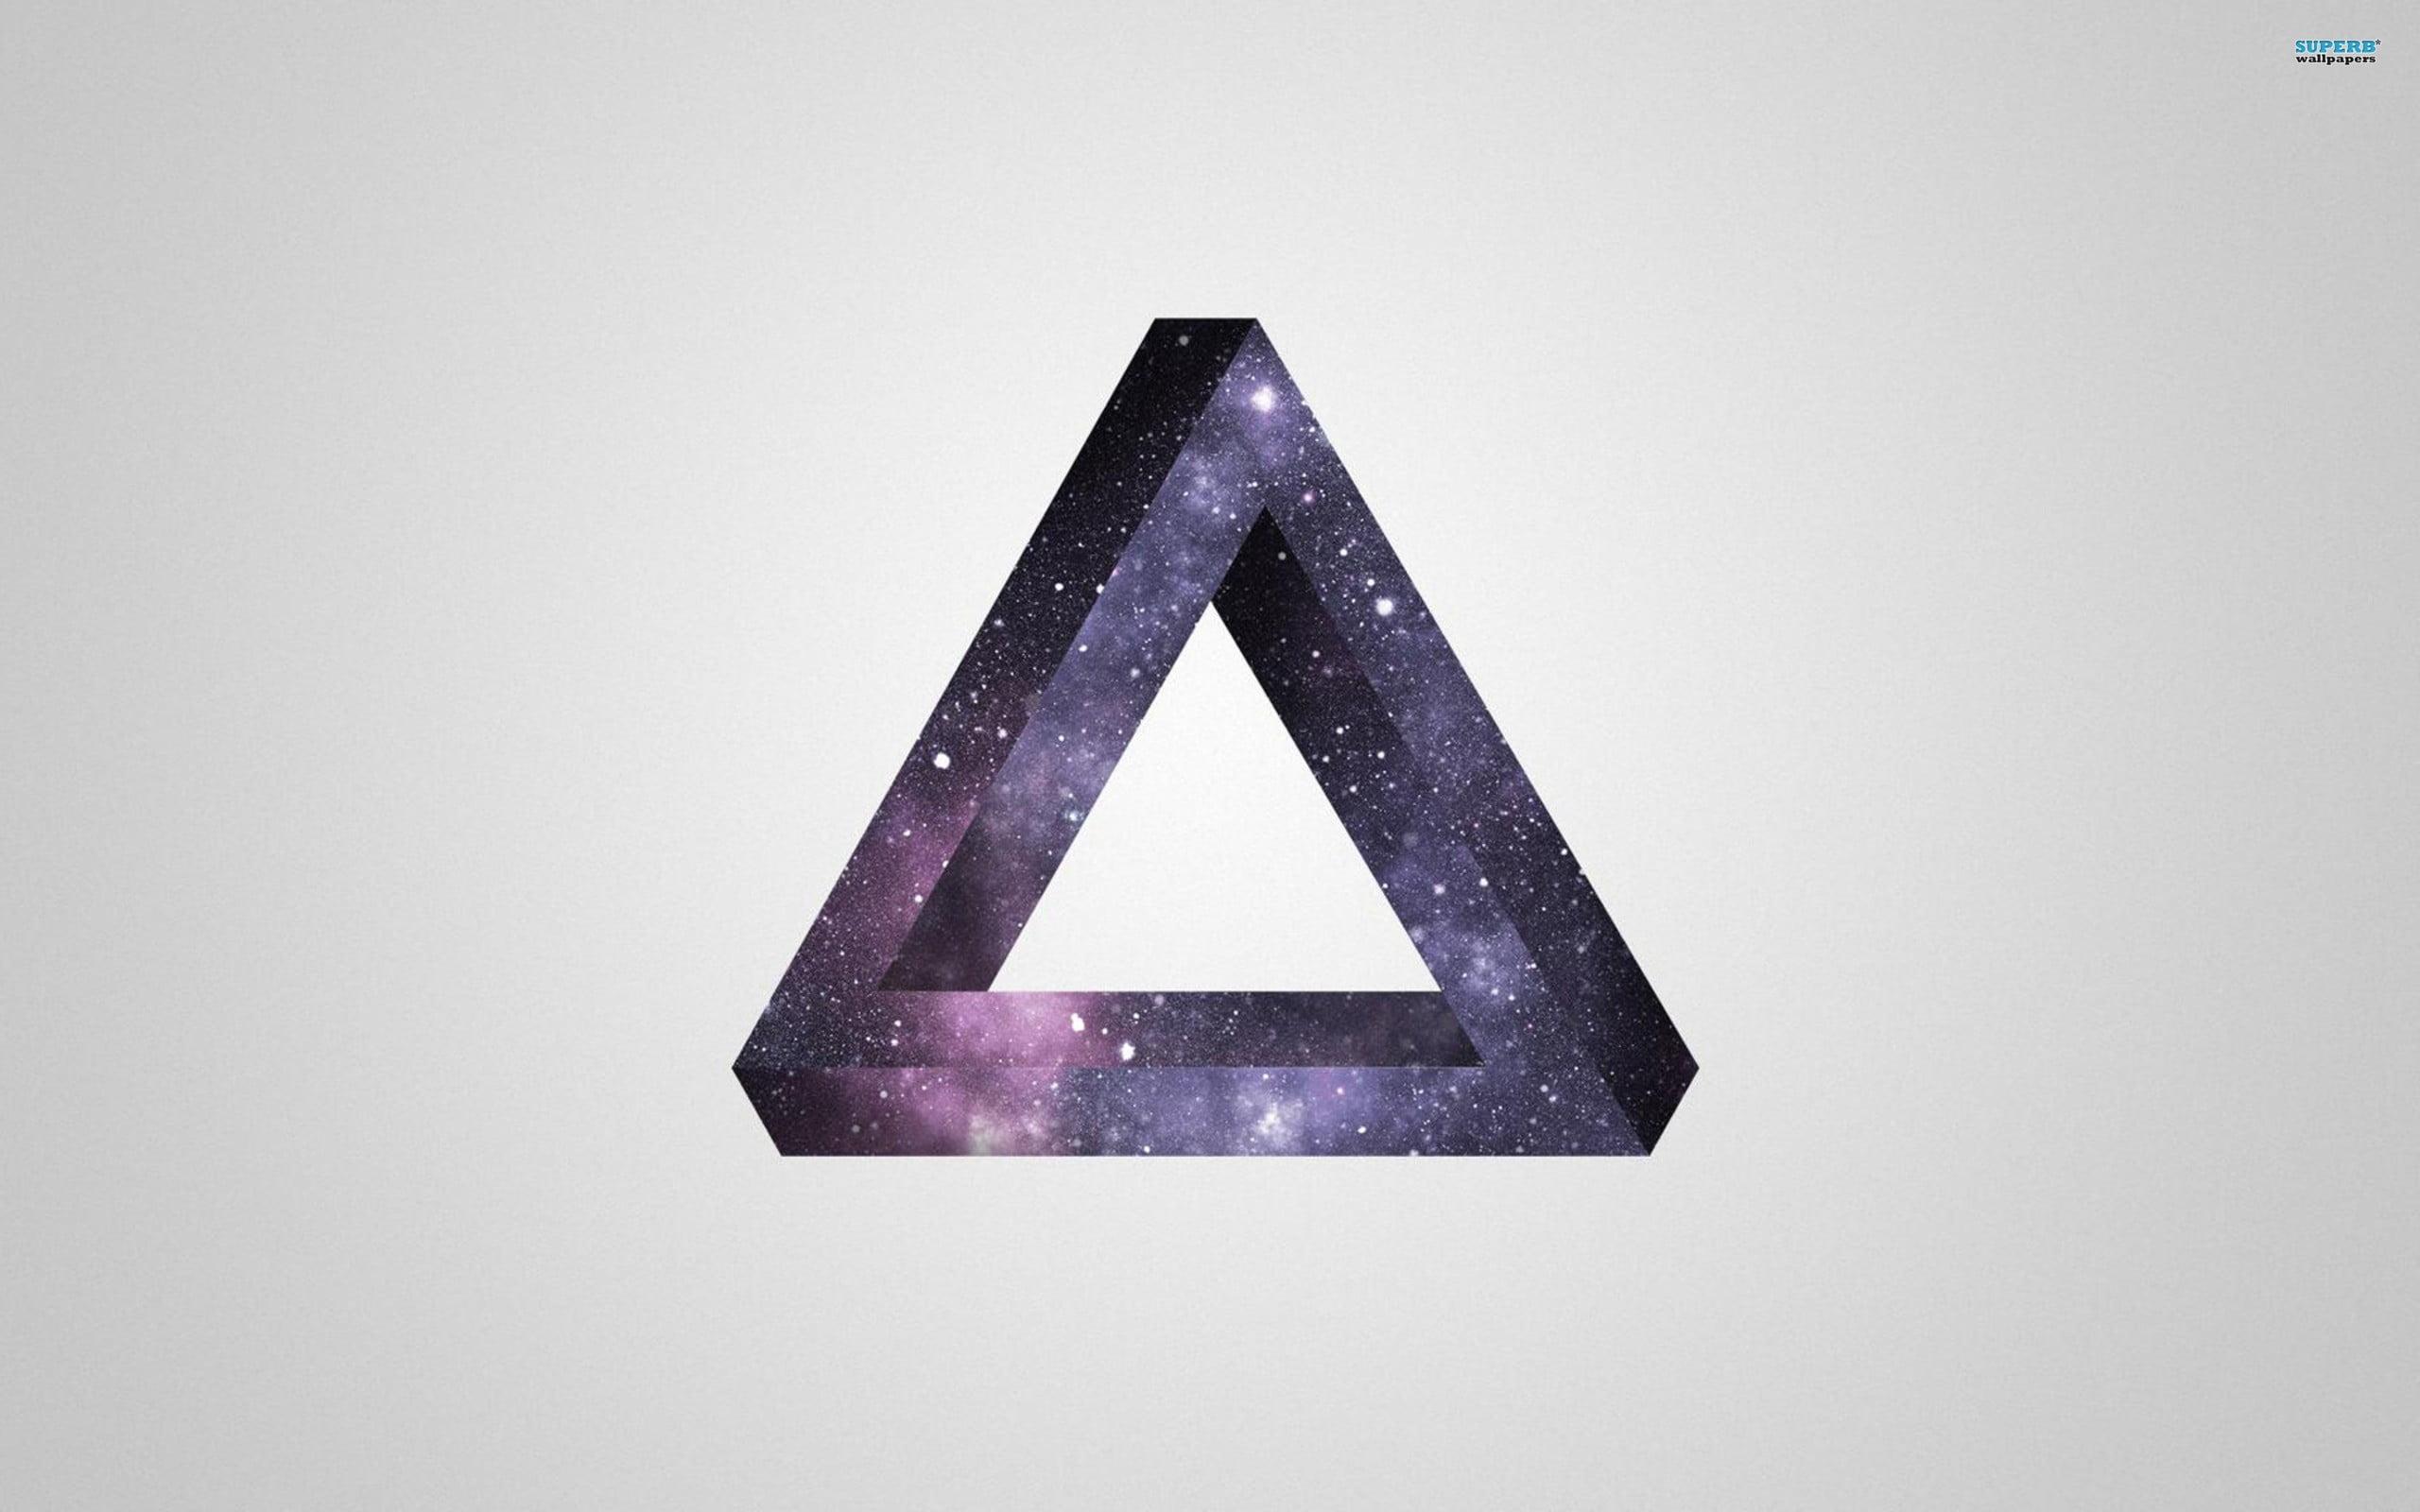 nebula triangle logo avicii